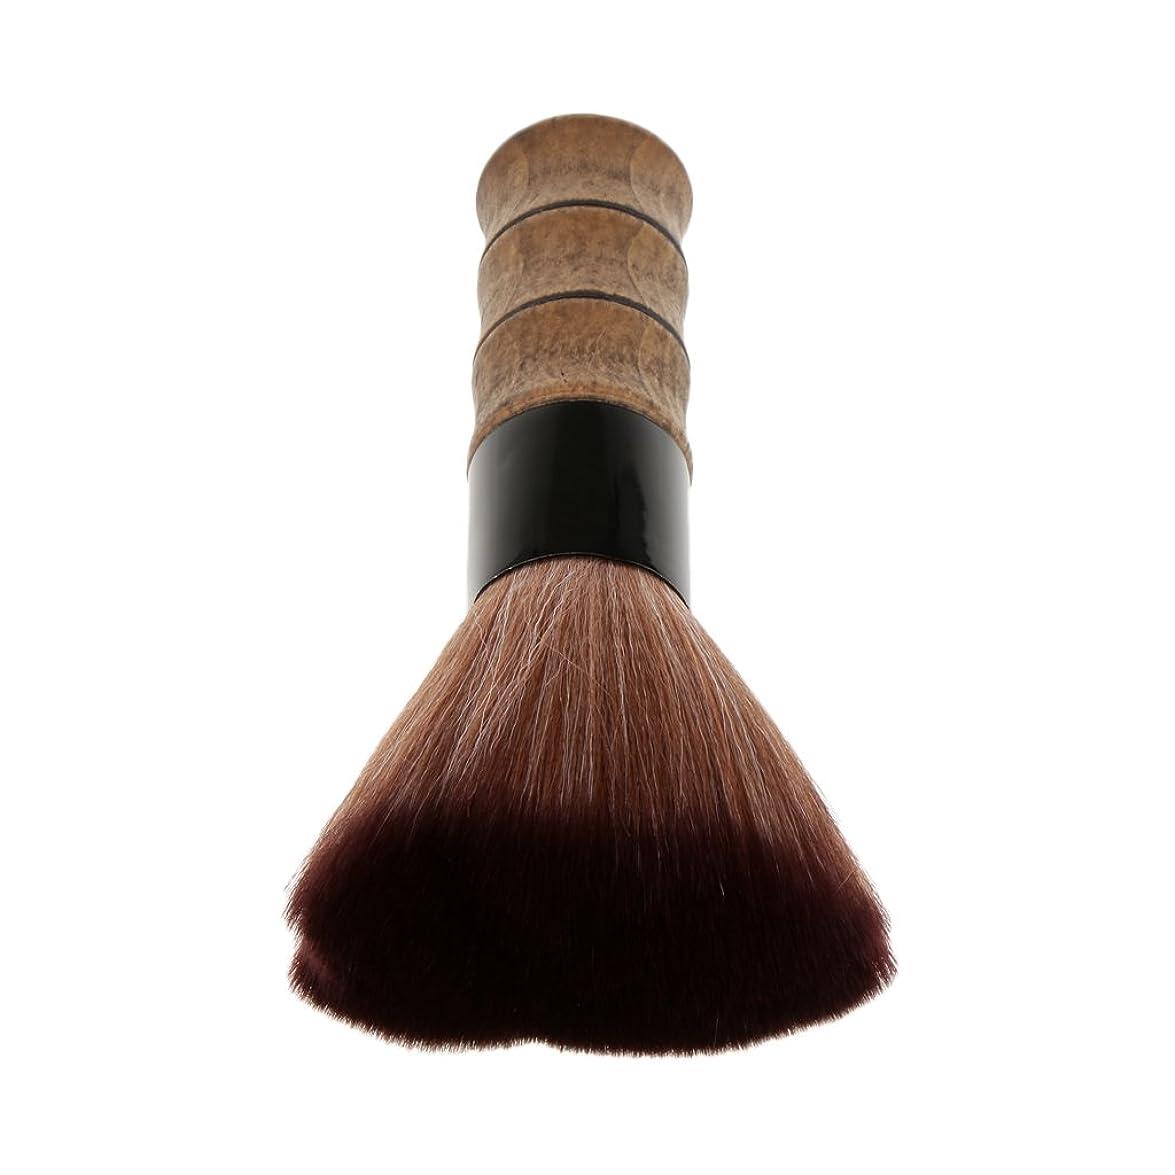 トレーダーモバイル追い払うPerfk シェービングブラシ 洗顔 美容ブラシ メイクブラシ ソフトファイバー 竹ハンドル シェービング ブラシ スキンケア メイクアップ 2色選べる - 褐色